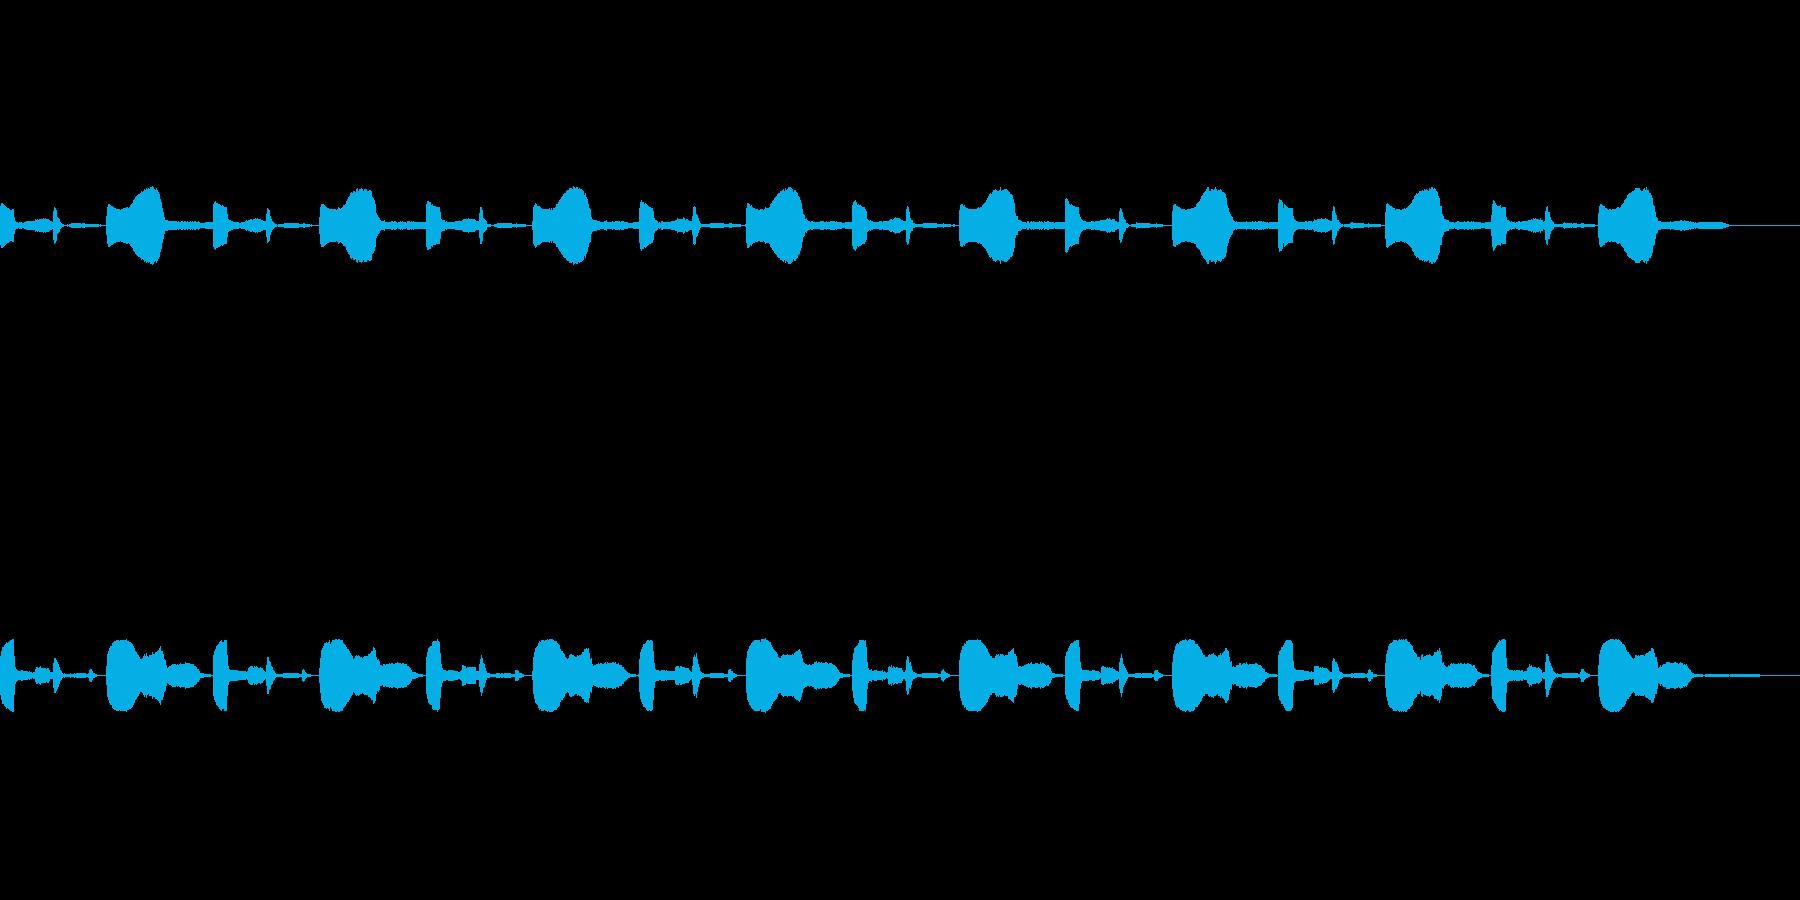 警告音、緊急事態のアラーム用の再生済みの波形